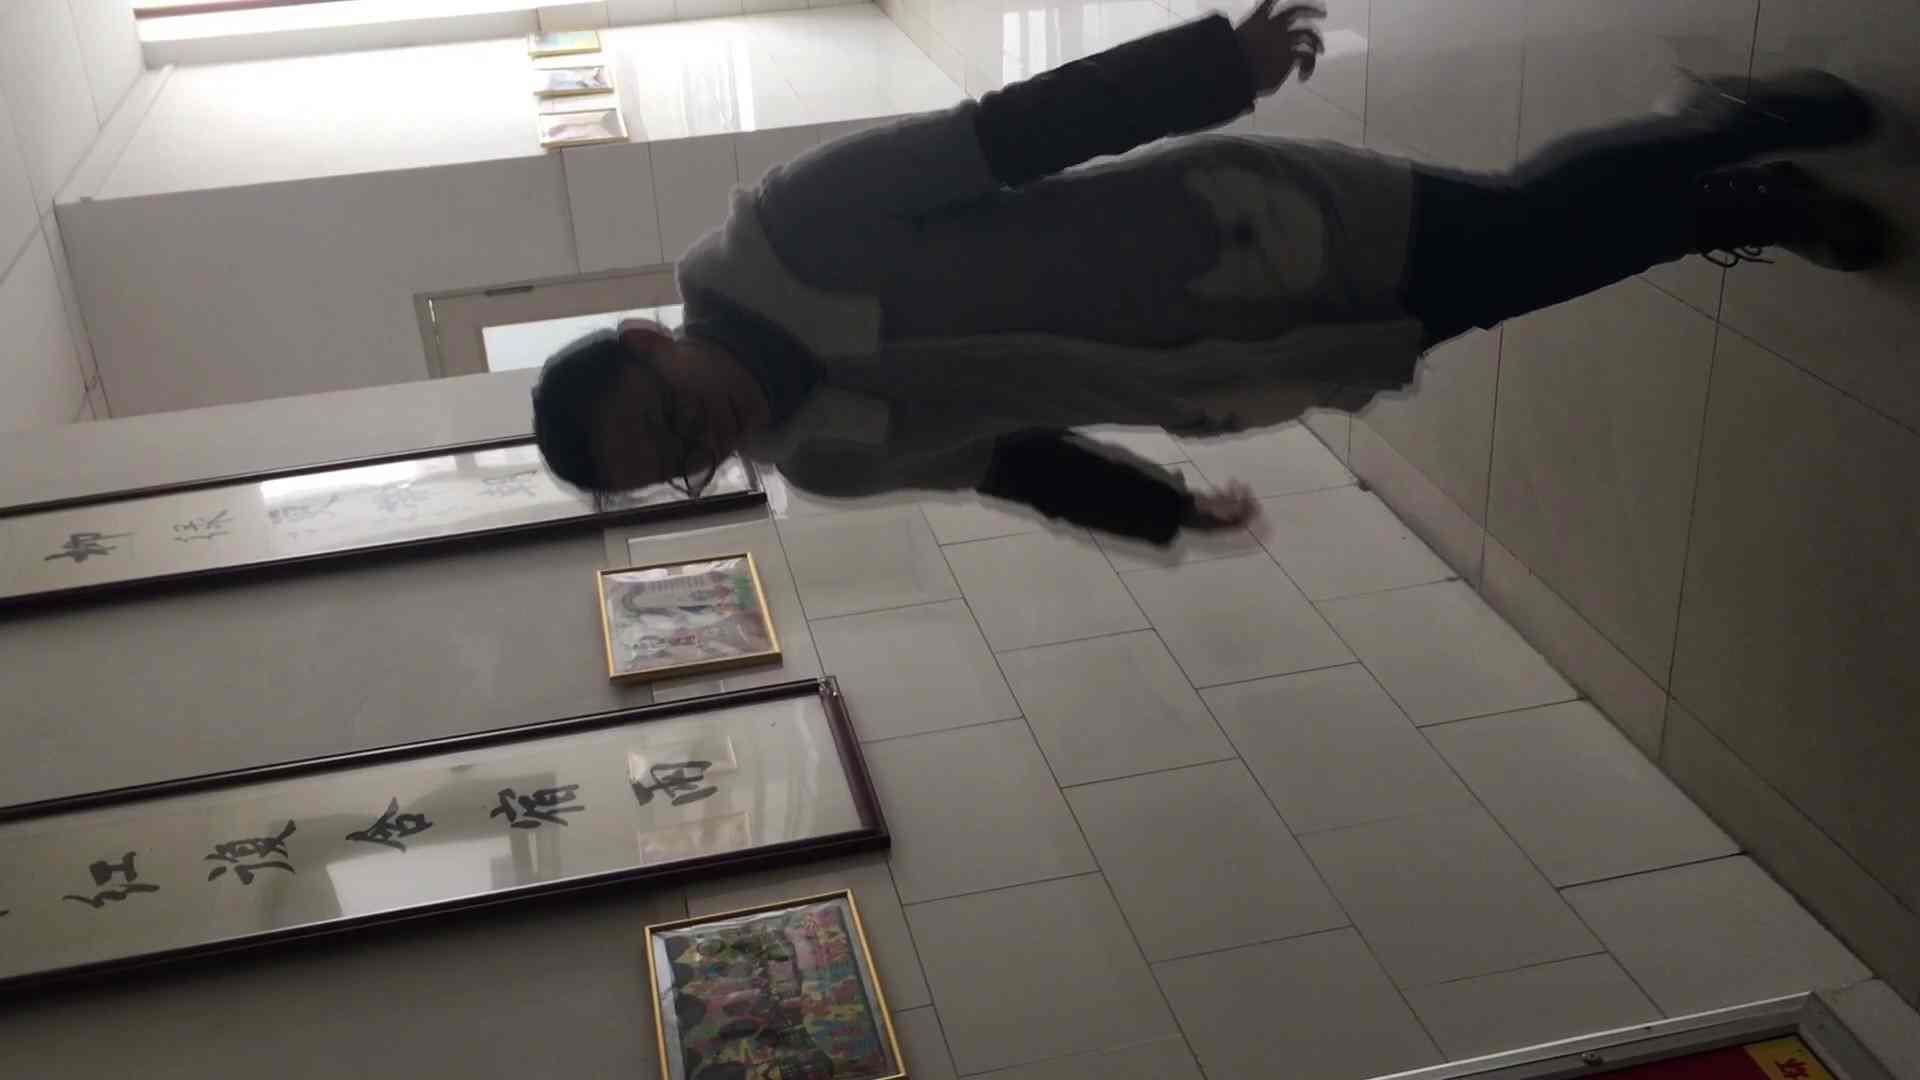 芸術大学ガチ潜入盗撮 JD盗撮 美女の洗面所の秘密 Vol.82 洗面所 SEX無修正画像 83PIX 50